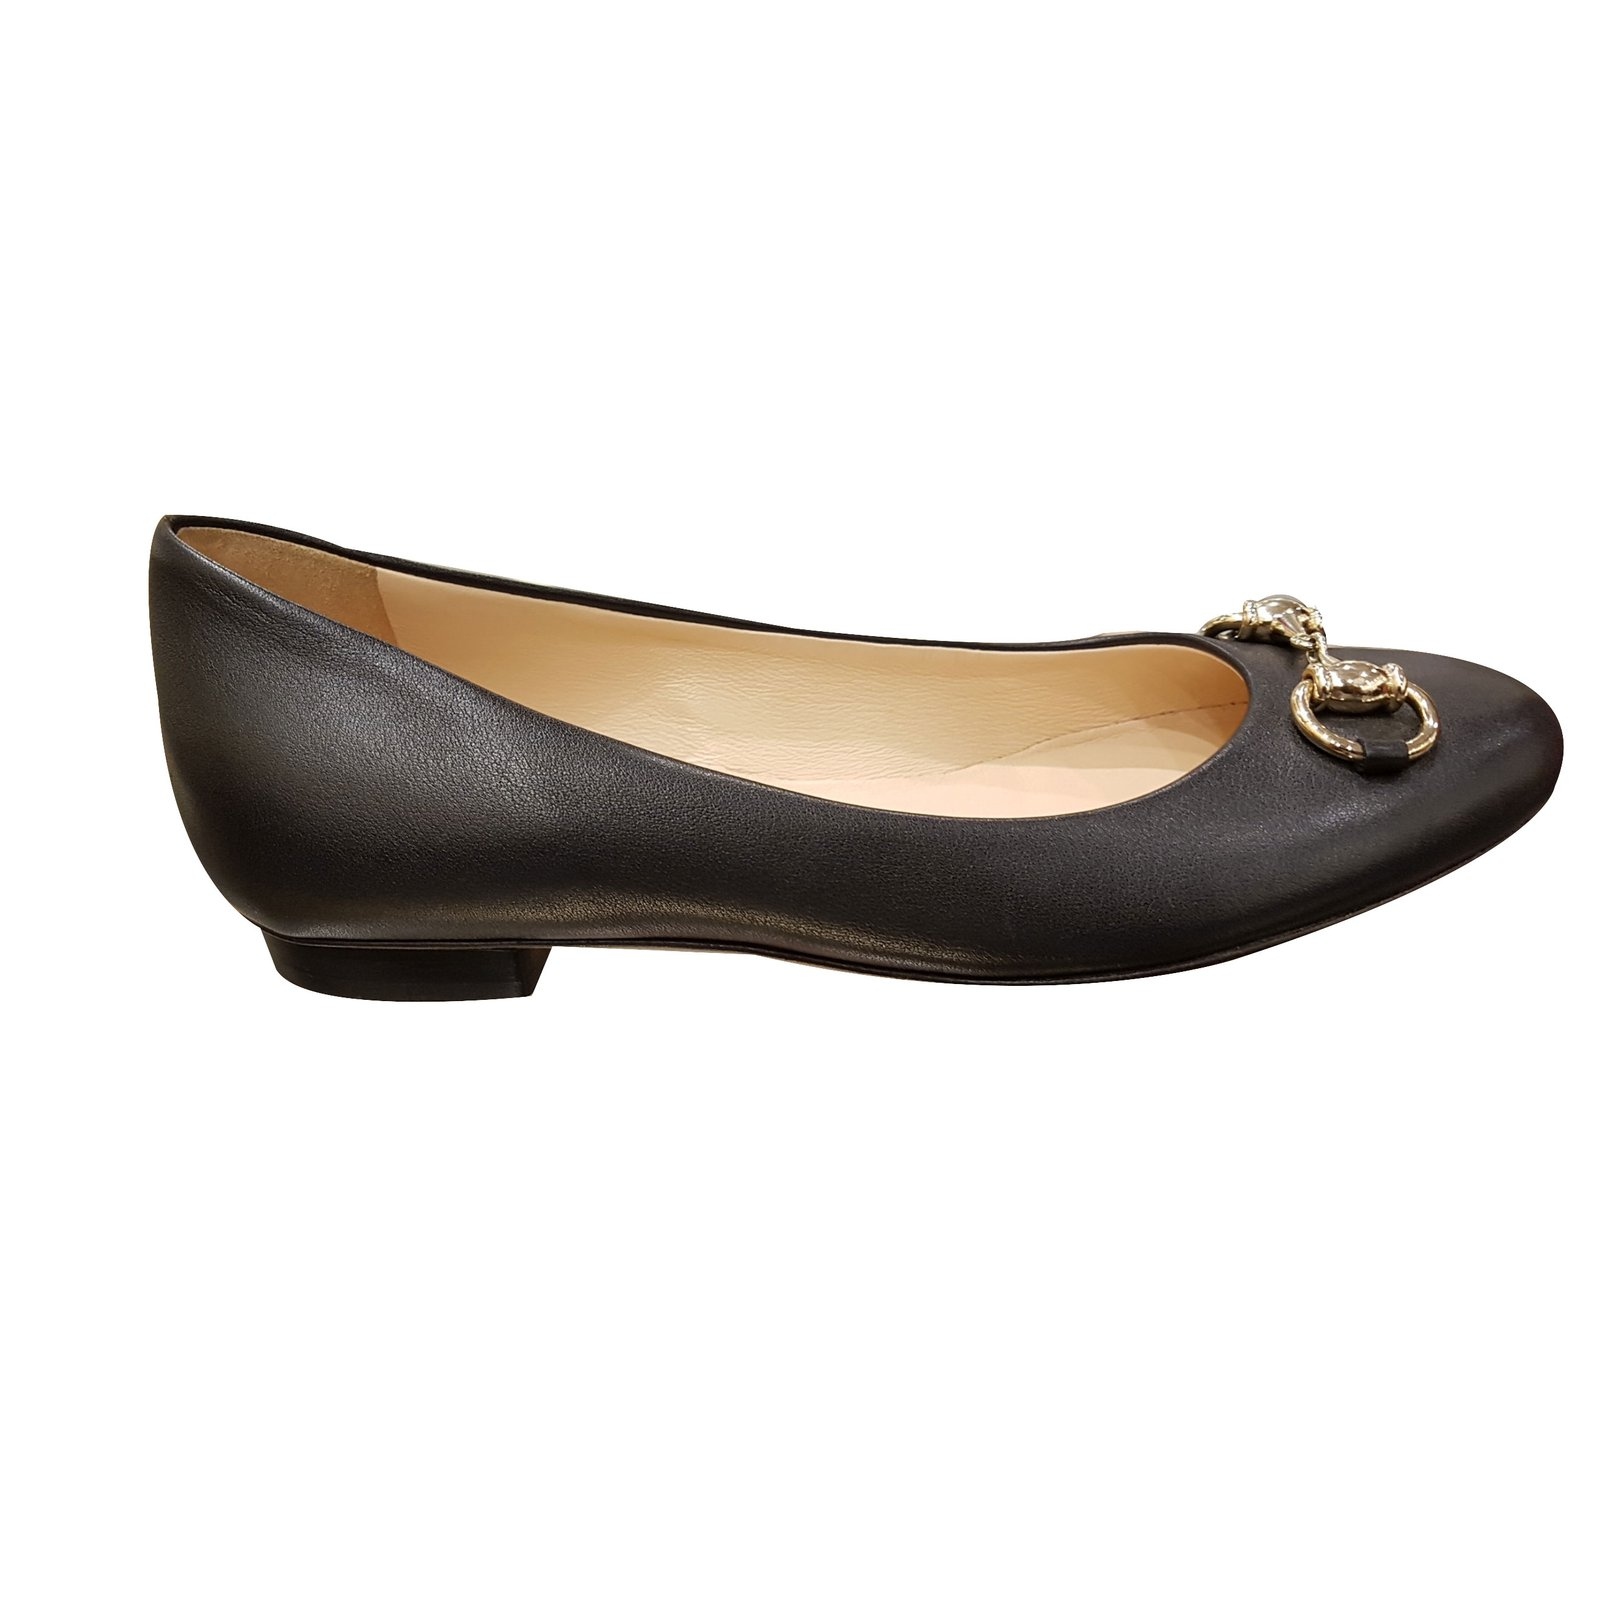 9ea79462aca4 Gucci BALLERINA Ballet flats Leather Black ref.47316 - Joli Closet